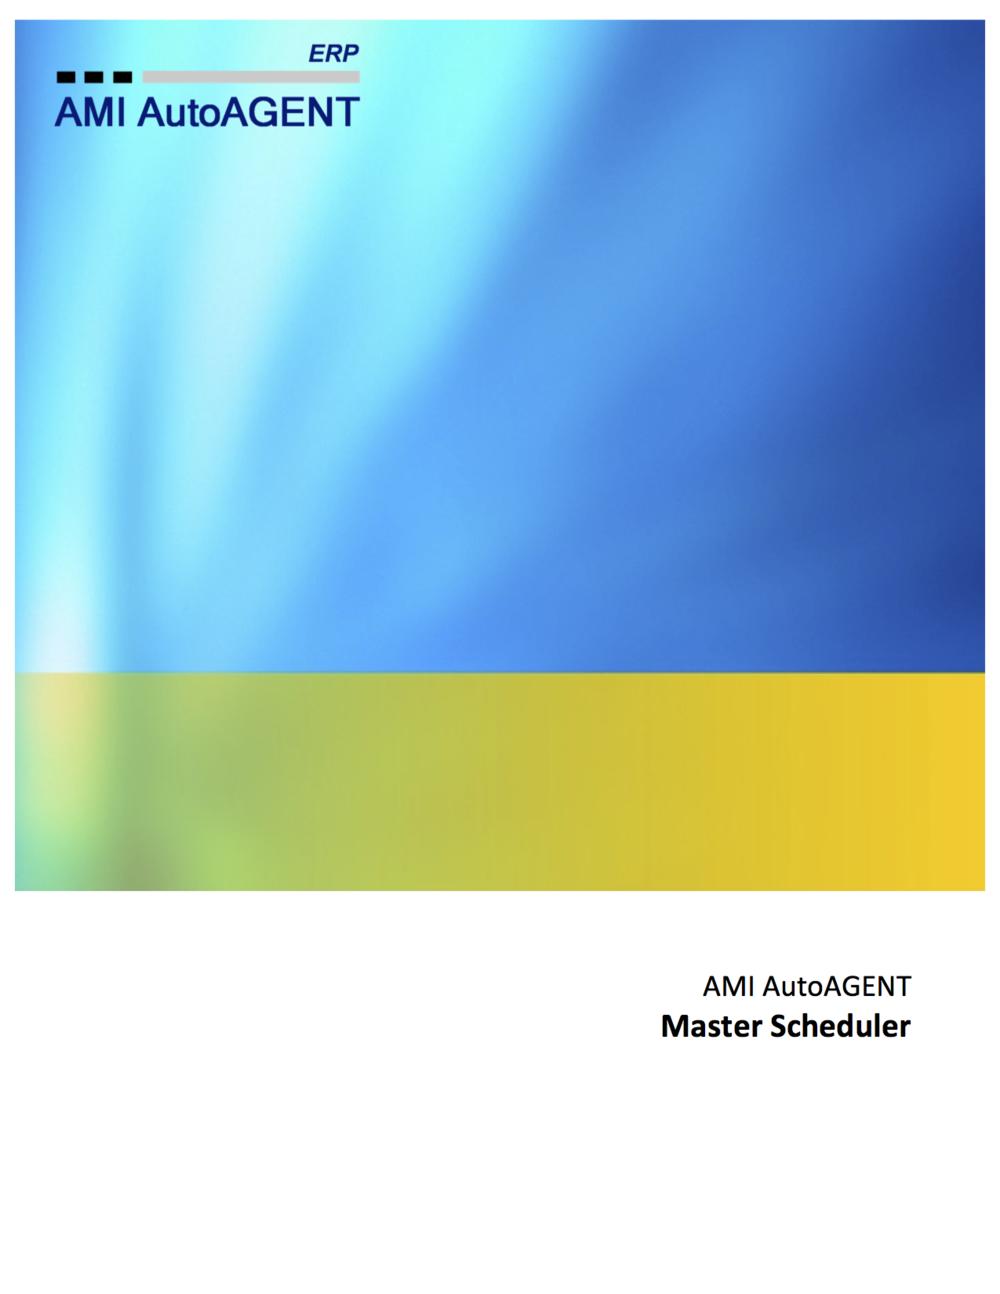 Master Scheduler